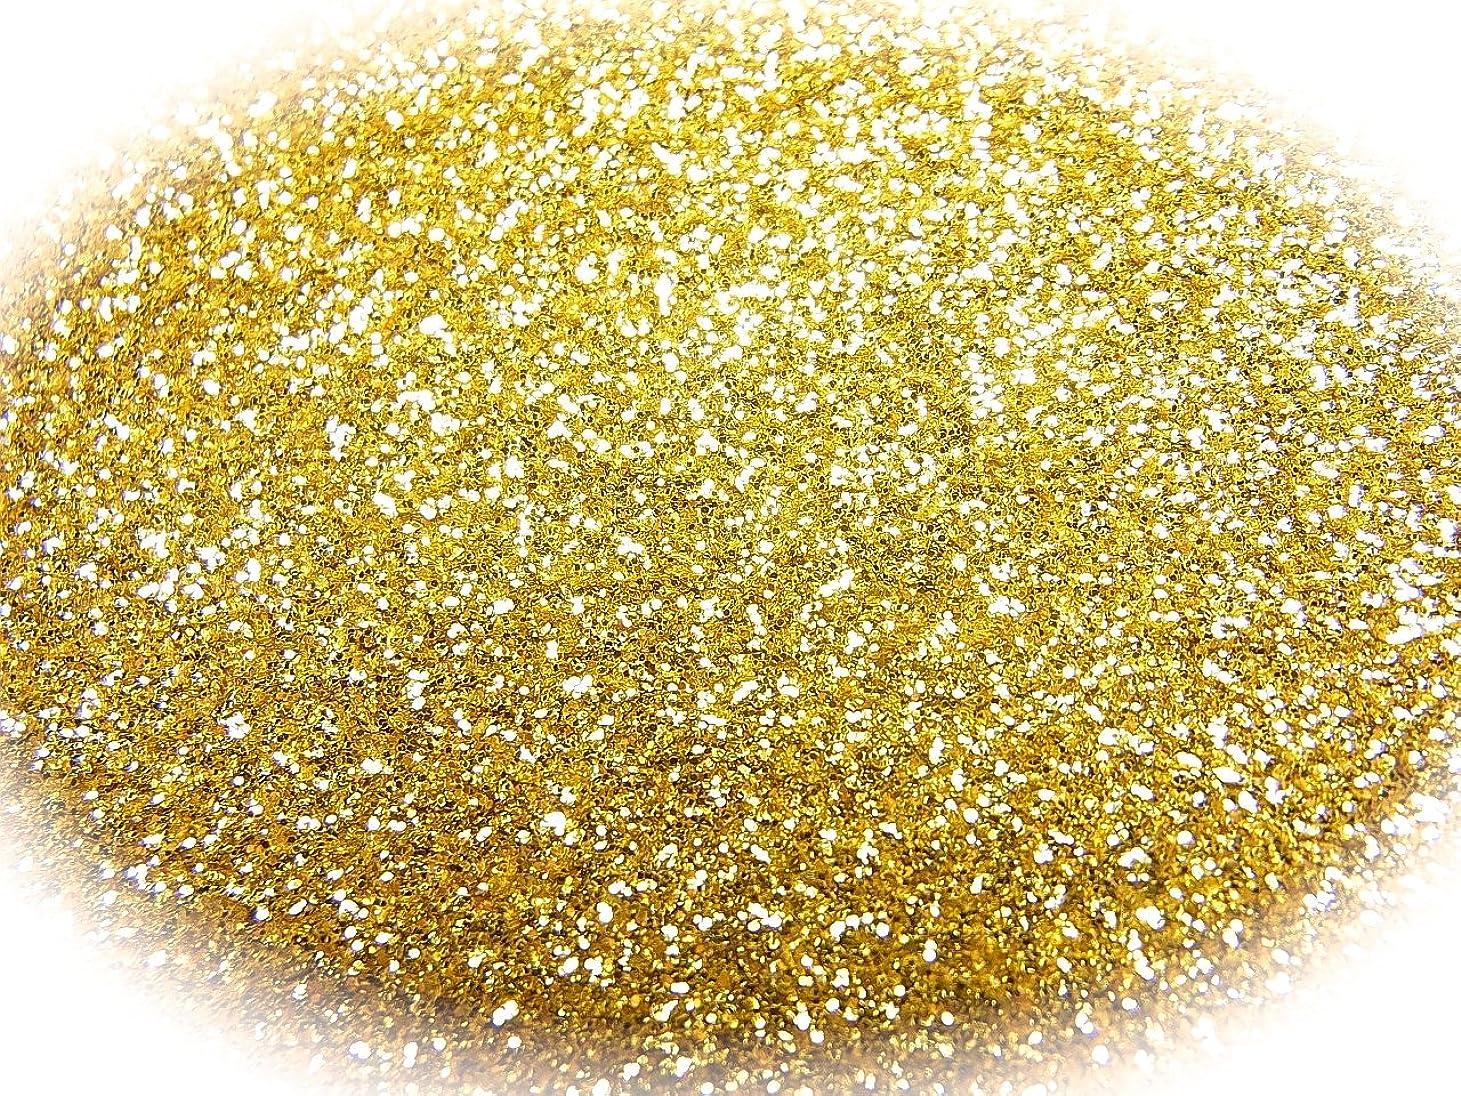 墓地強風モートグリッターラメパウダー 選べる12色 0.5g 瓶入り (ゴールド)